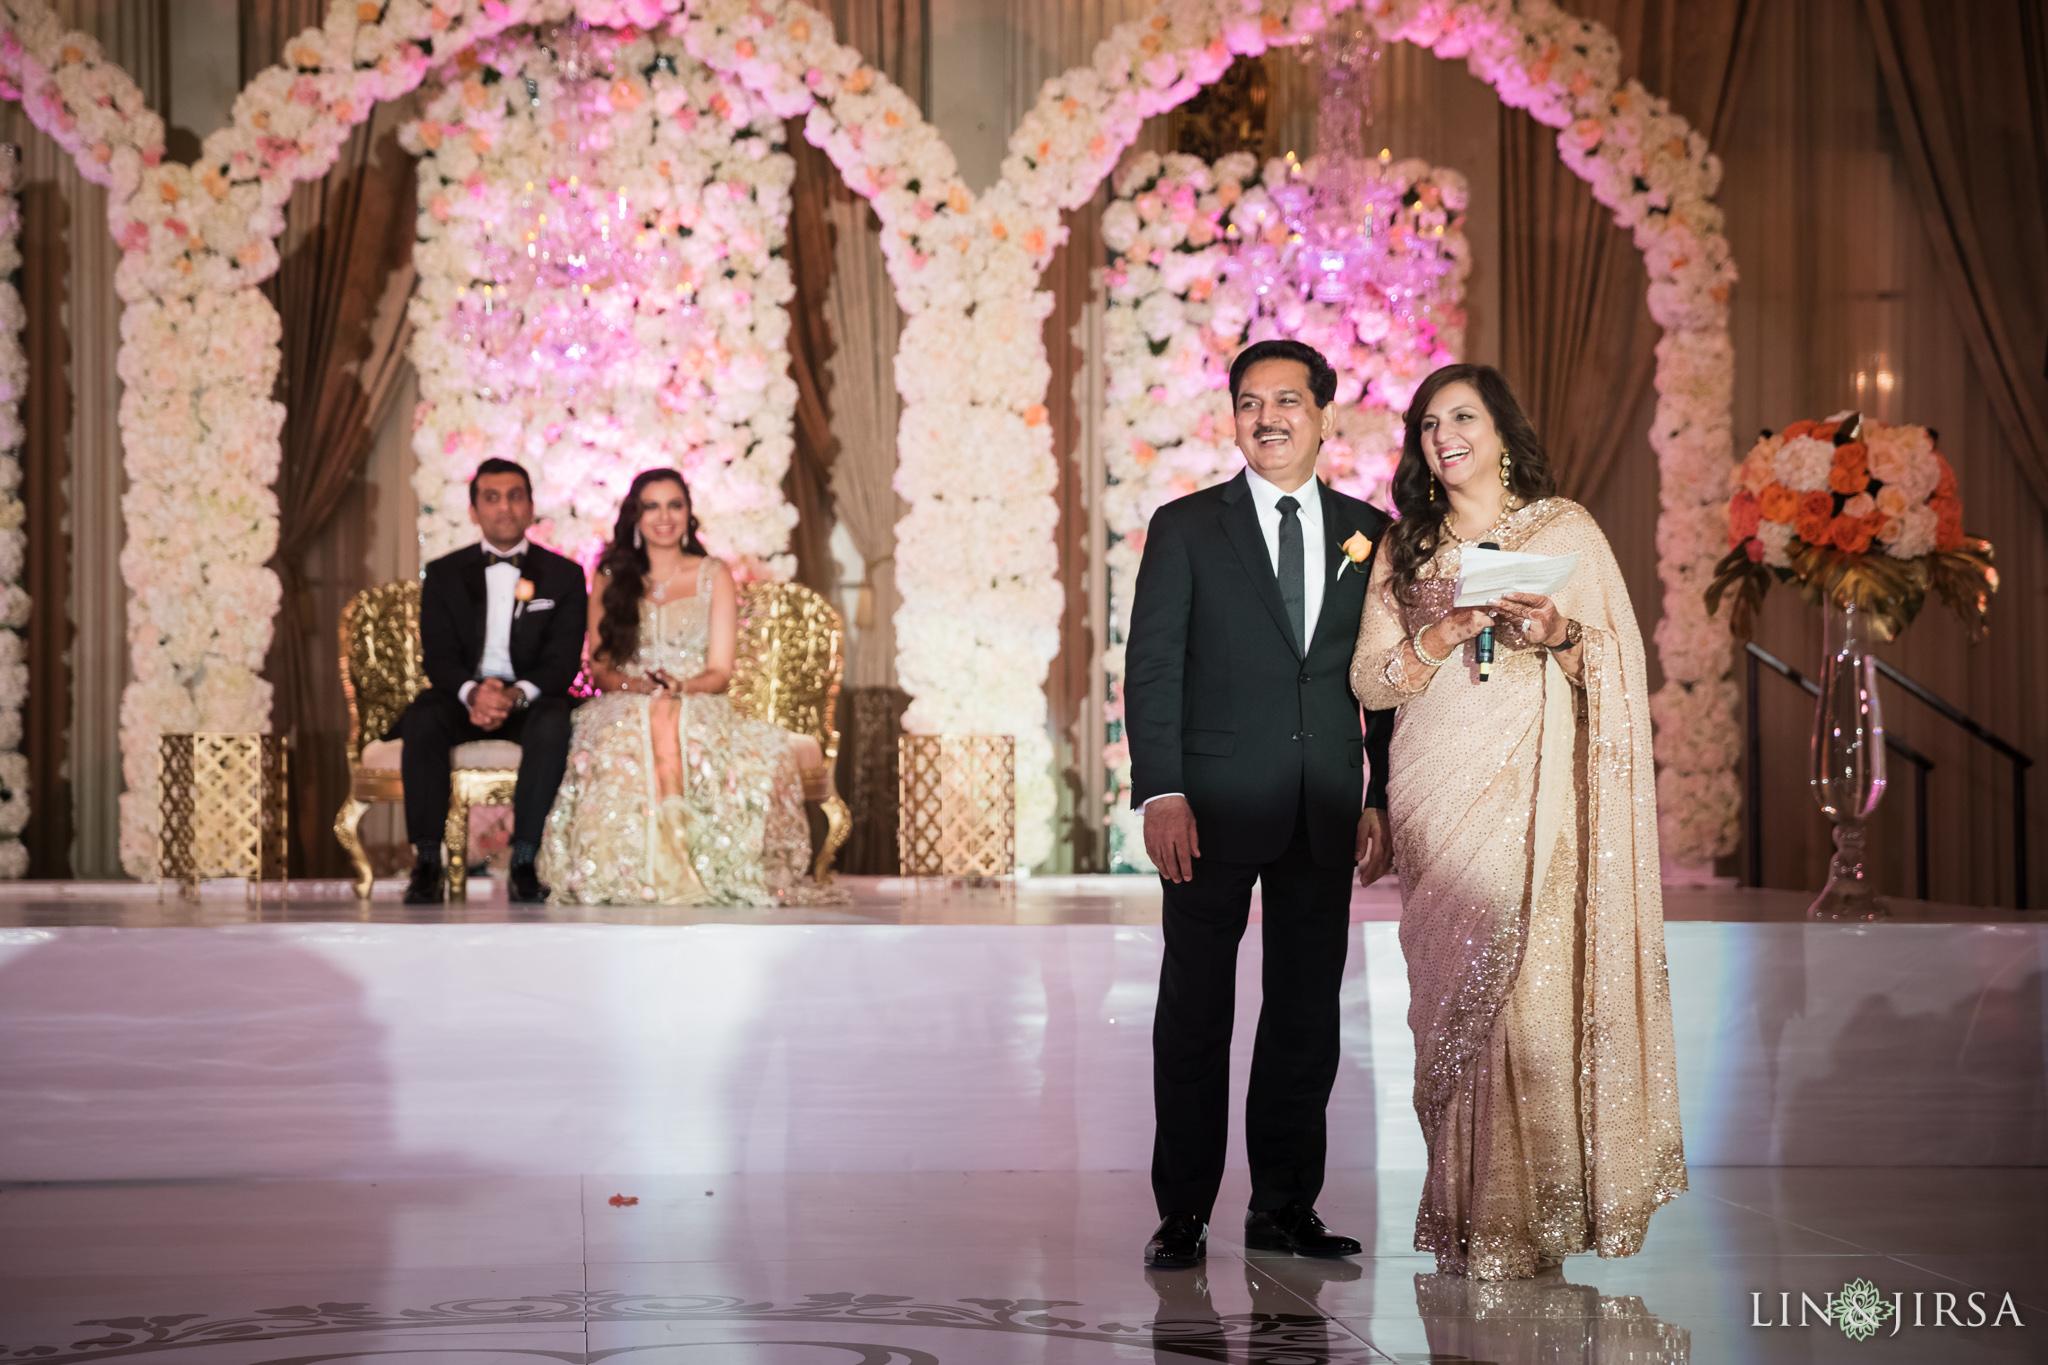 21-biltmore-hotel-los-angeles-wedding-reception-photography